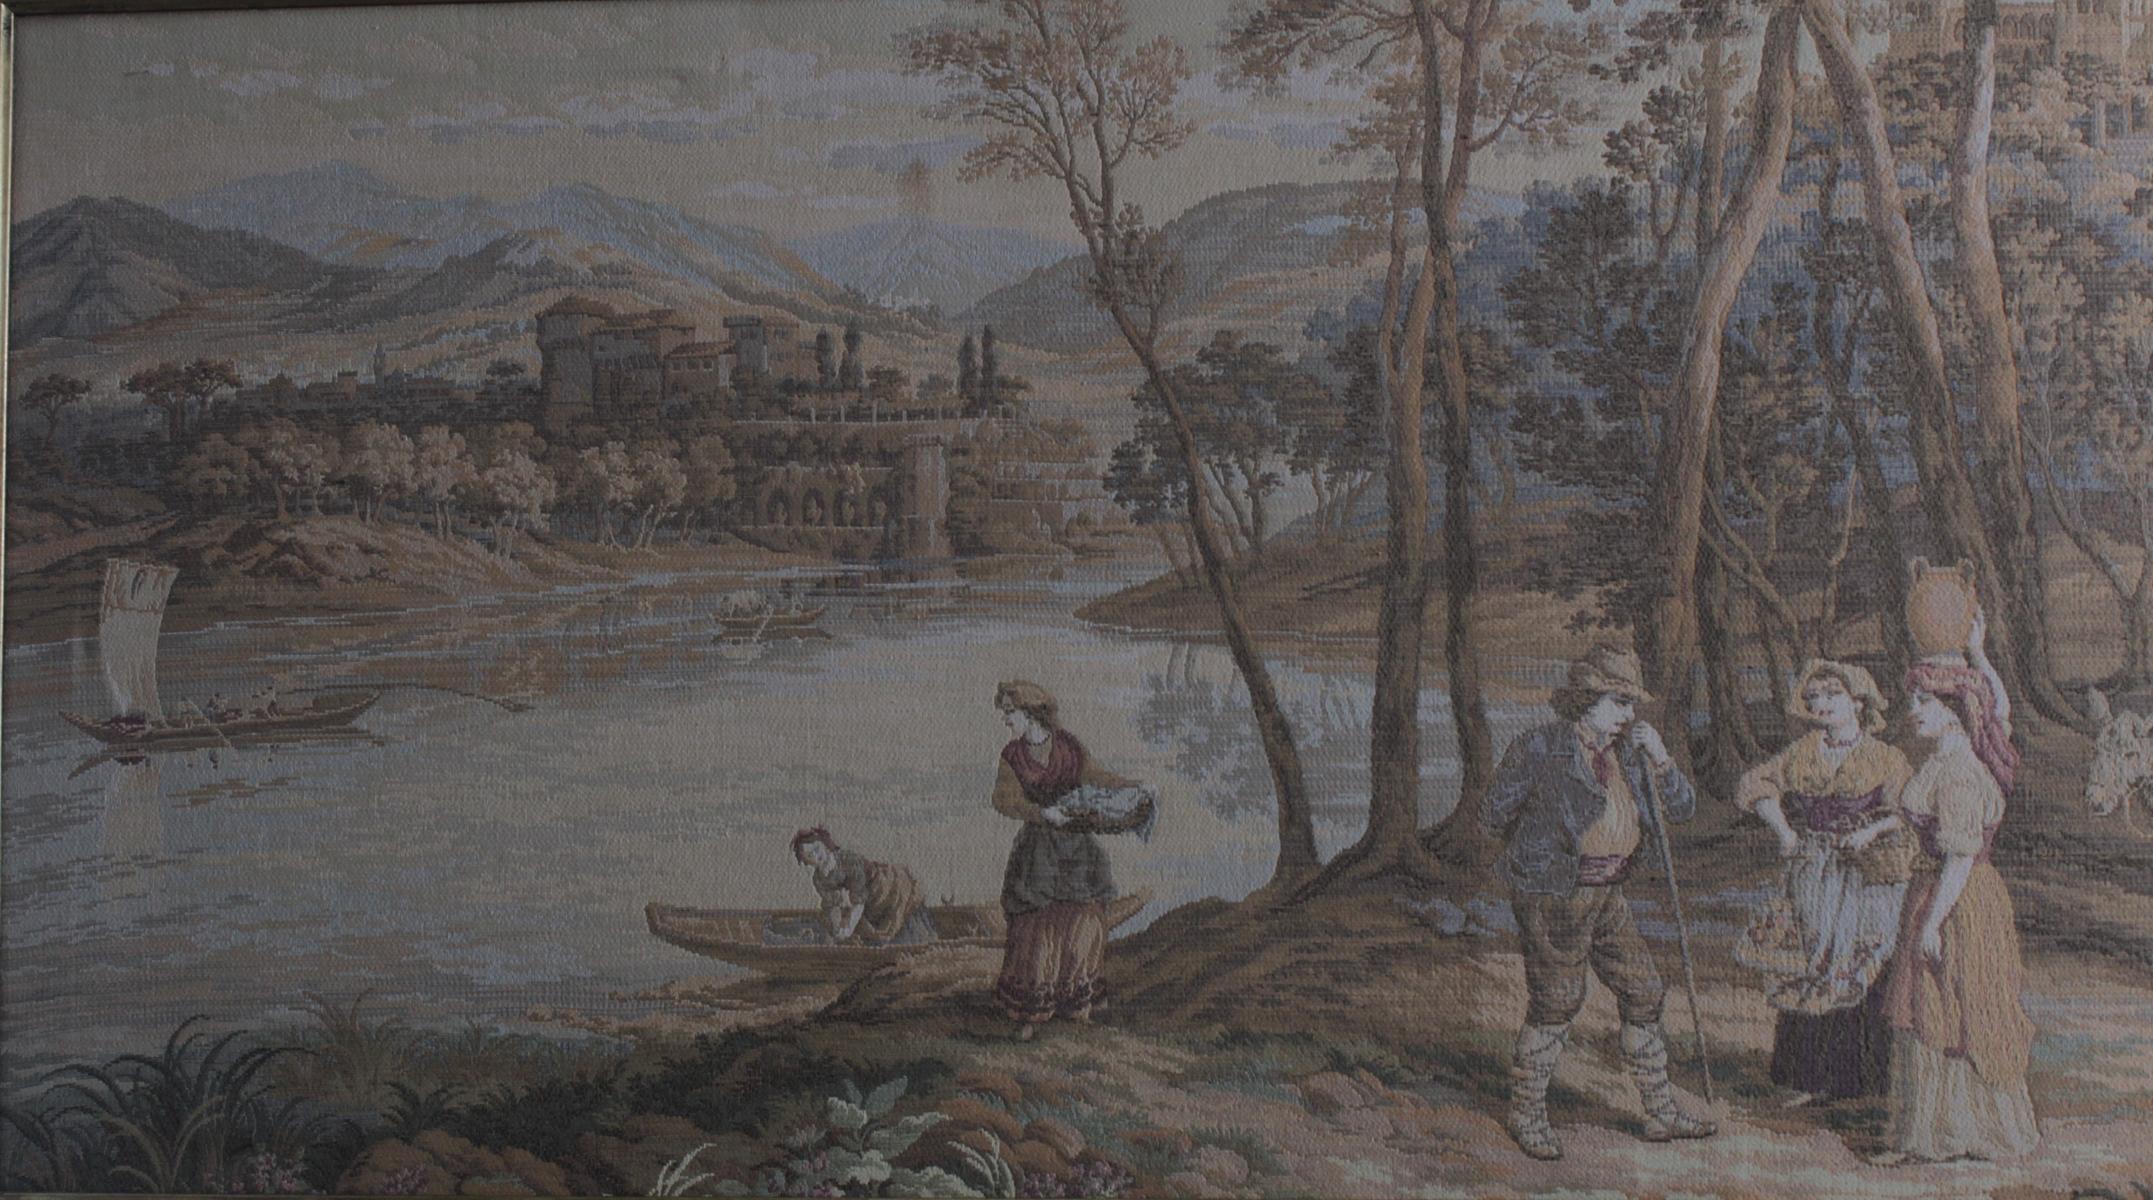 Großer Gobelin, mittelalterliche Szene, 2. Hälfte 20. Jh.-2